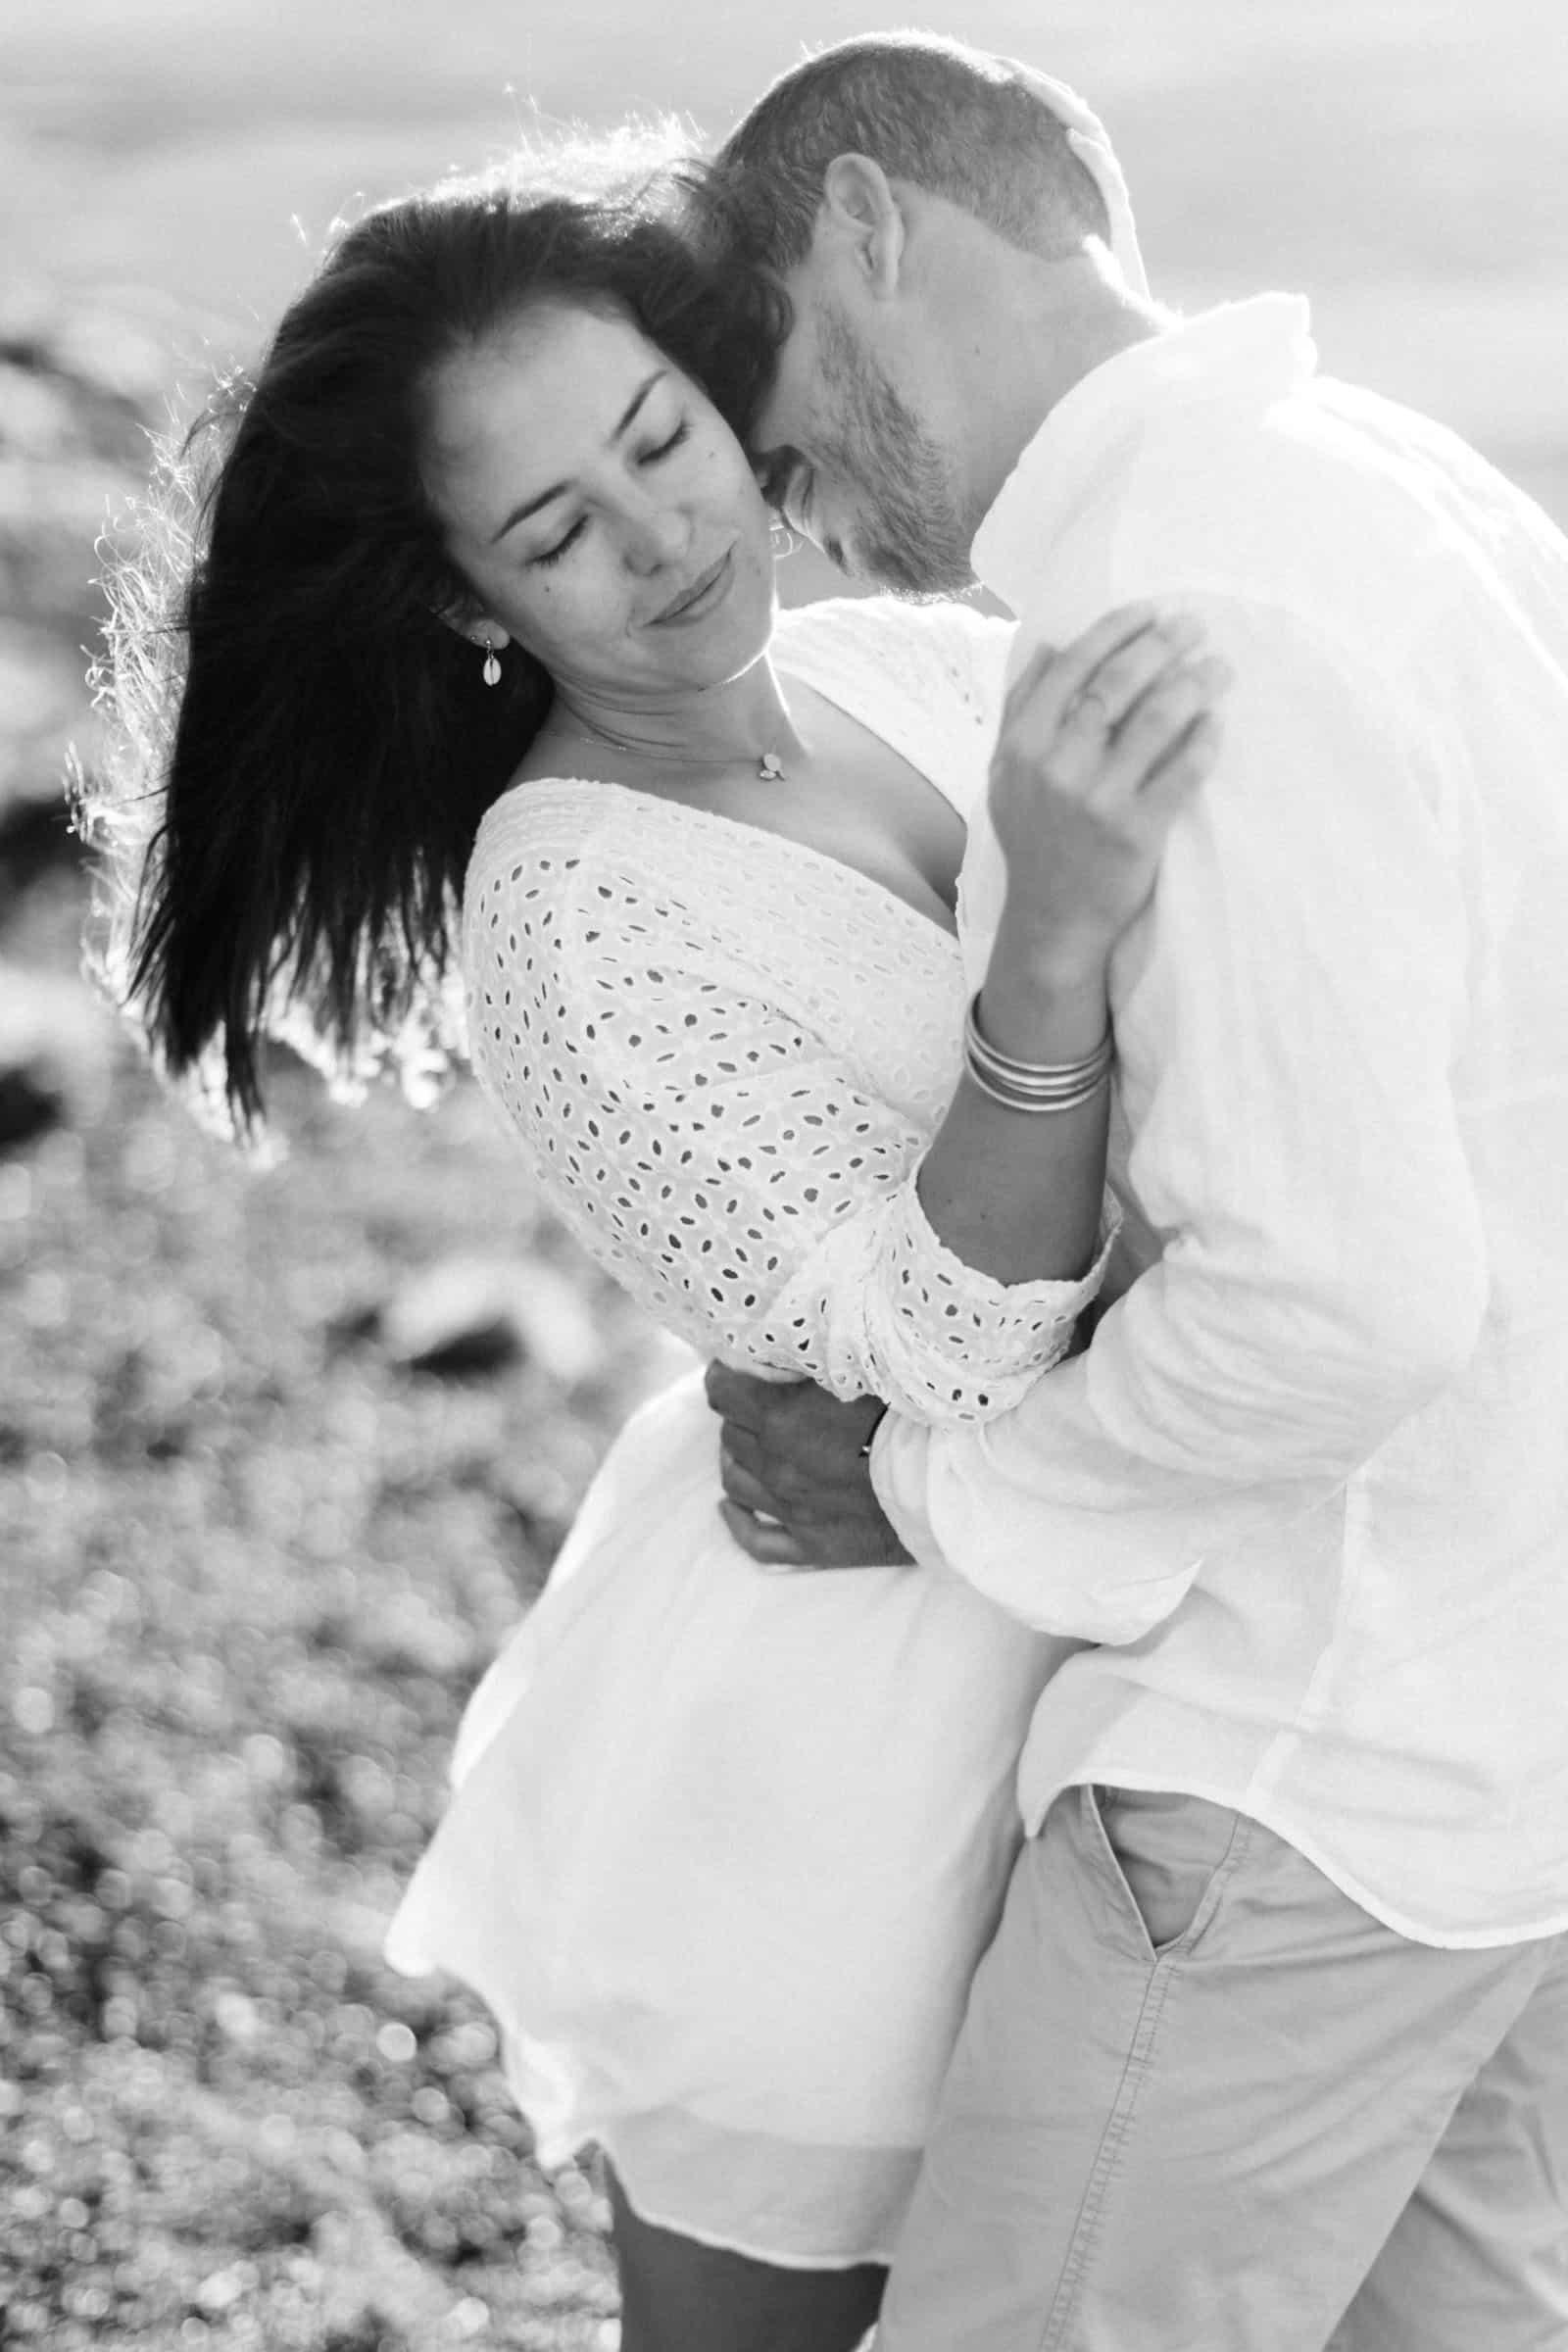 Photographie en noir et blanc de Mathieu Dété, photographe de mariage et famille à Saint-Benoît de la Réunion 974, présentant un couple enlacé au lever du soleil